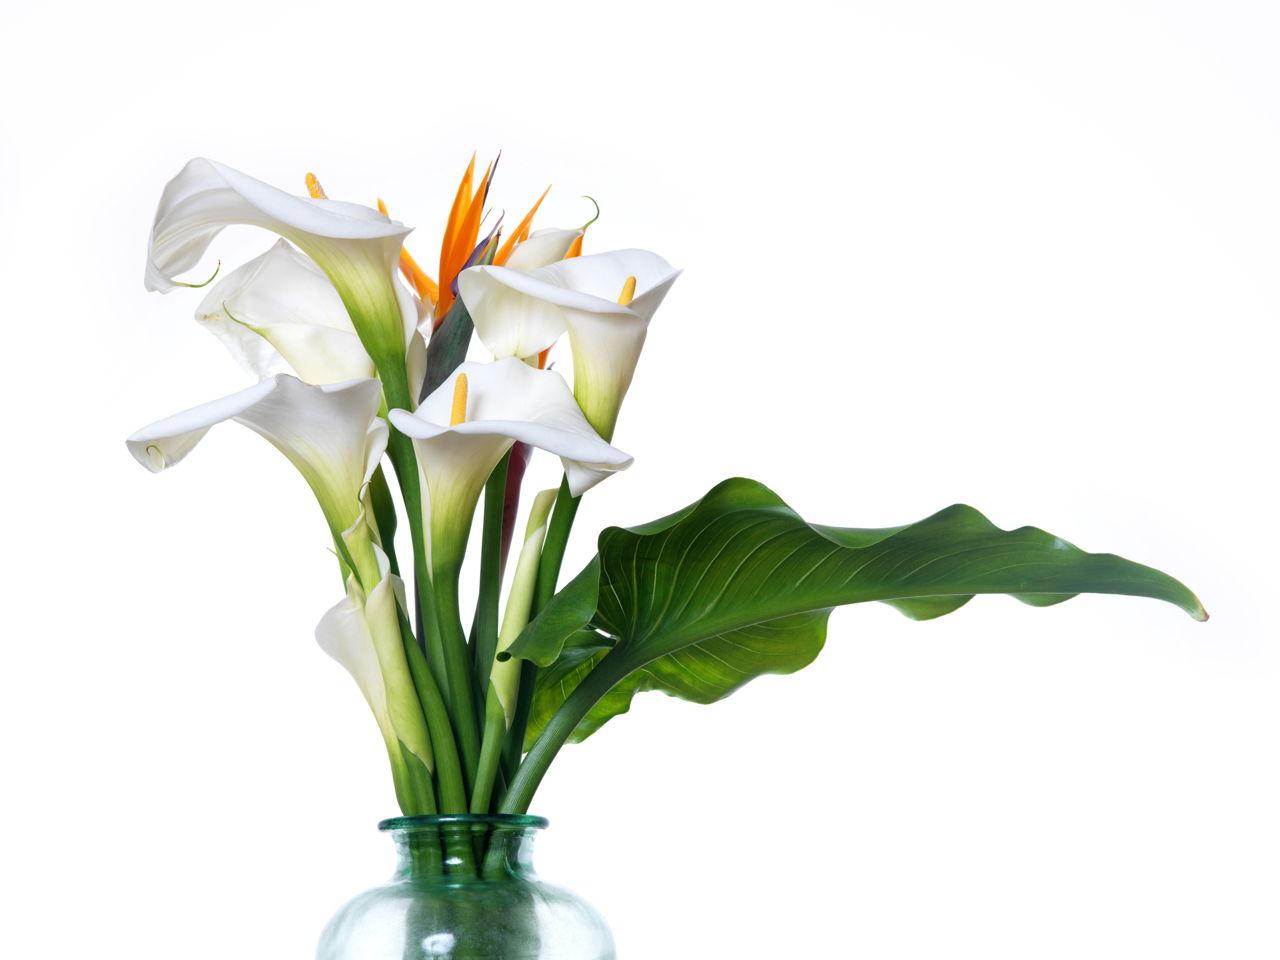 1280-153449200-white-calla-lilies.jpg